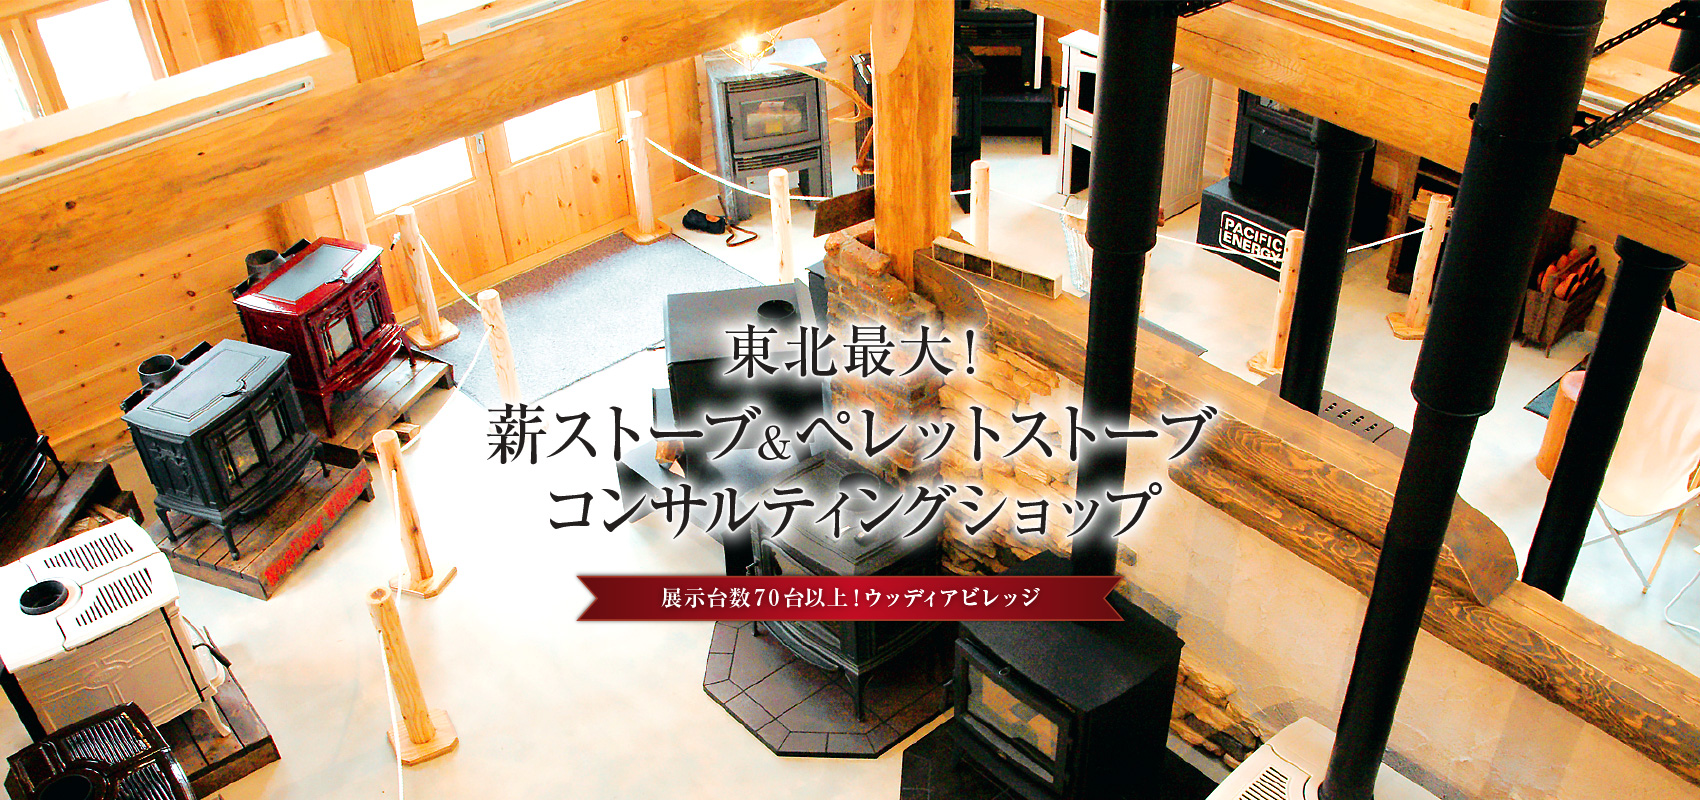 仙台の山奥にド派手に佇む東北最大の薪ストーブ村